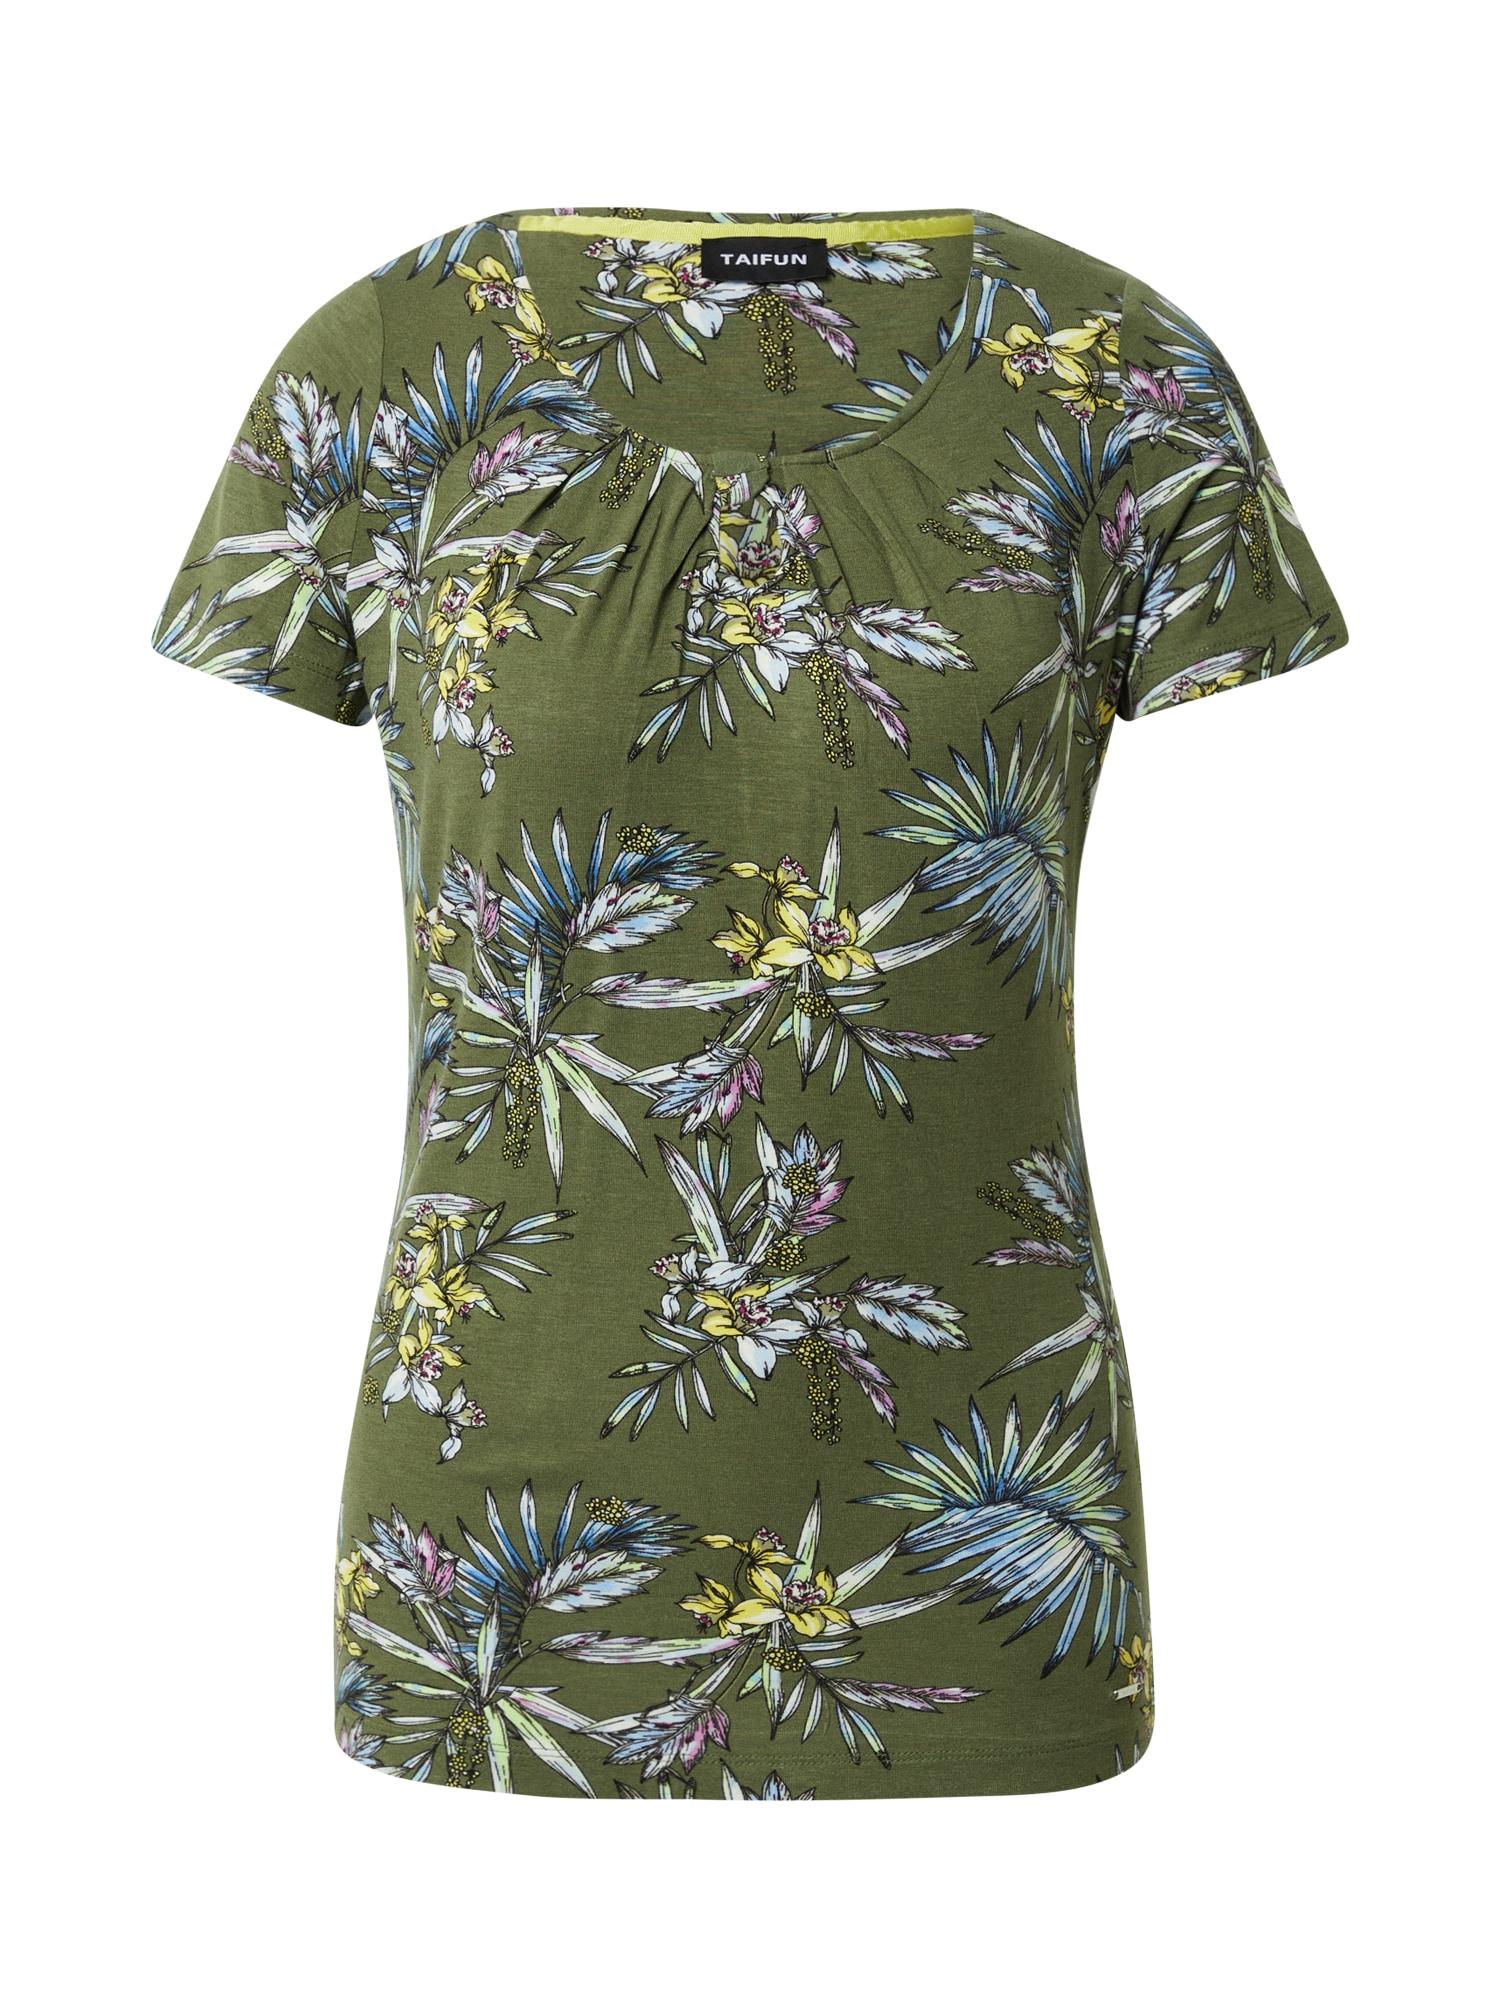 TAIFUN Marškinėliai alyvuogių spalva / balta / pastelinė žalia / dangaus žydra / orchidėjų spalva